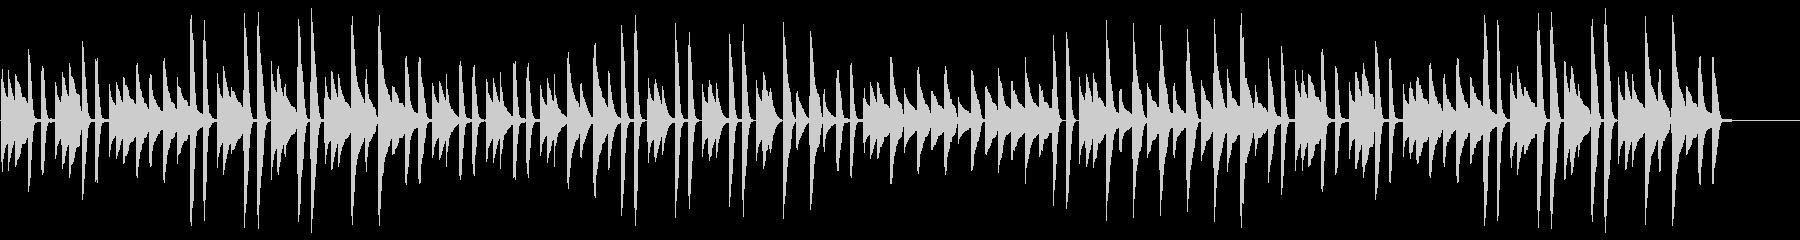 猫踏んじゃった【ピアノ】(スローテンポ)の未再生の波形